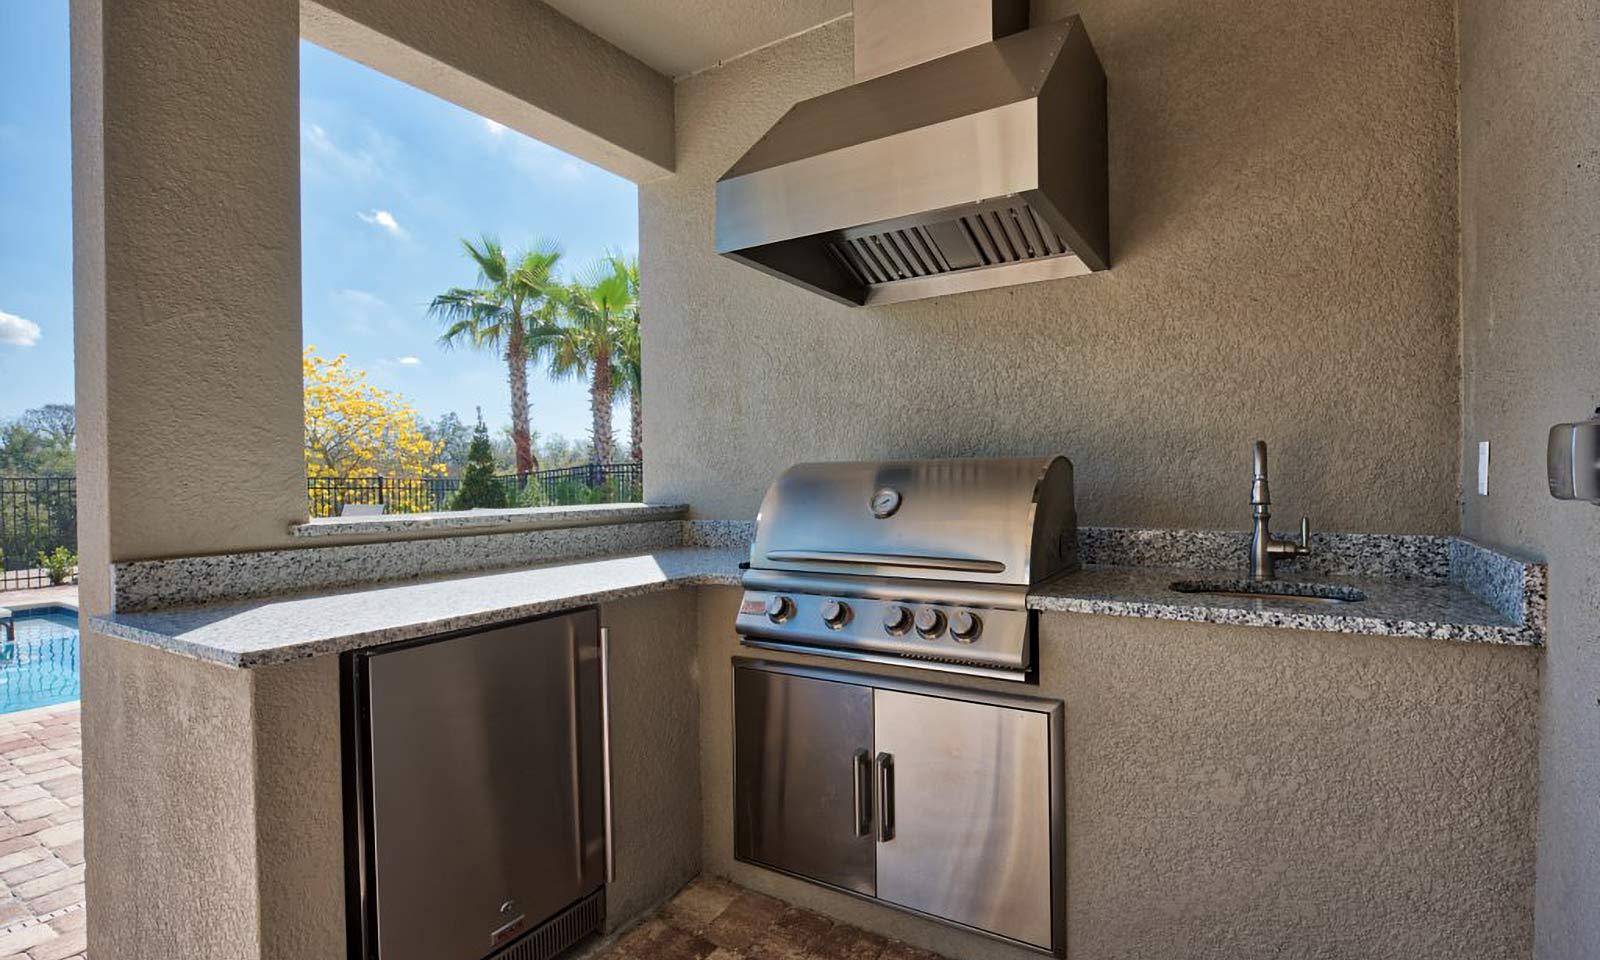 [amenities:Summer-Kitchen:3] Summer Kitchen